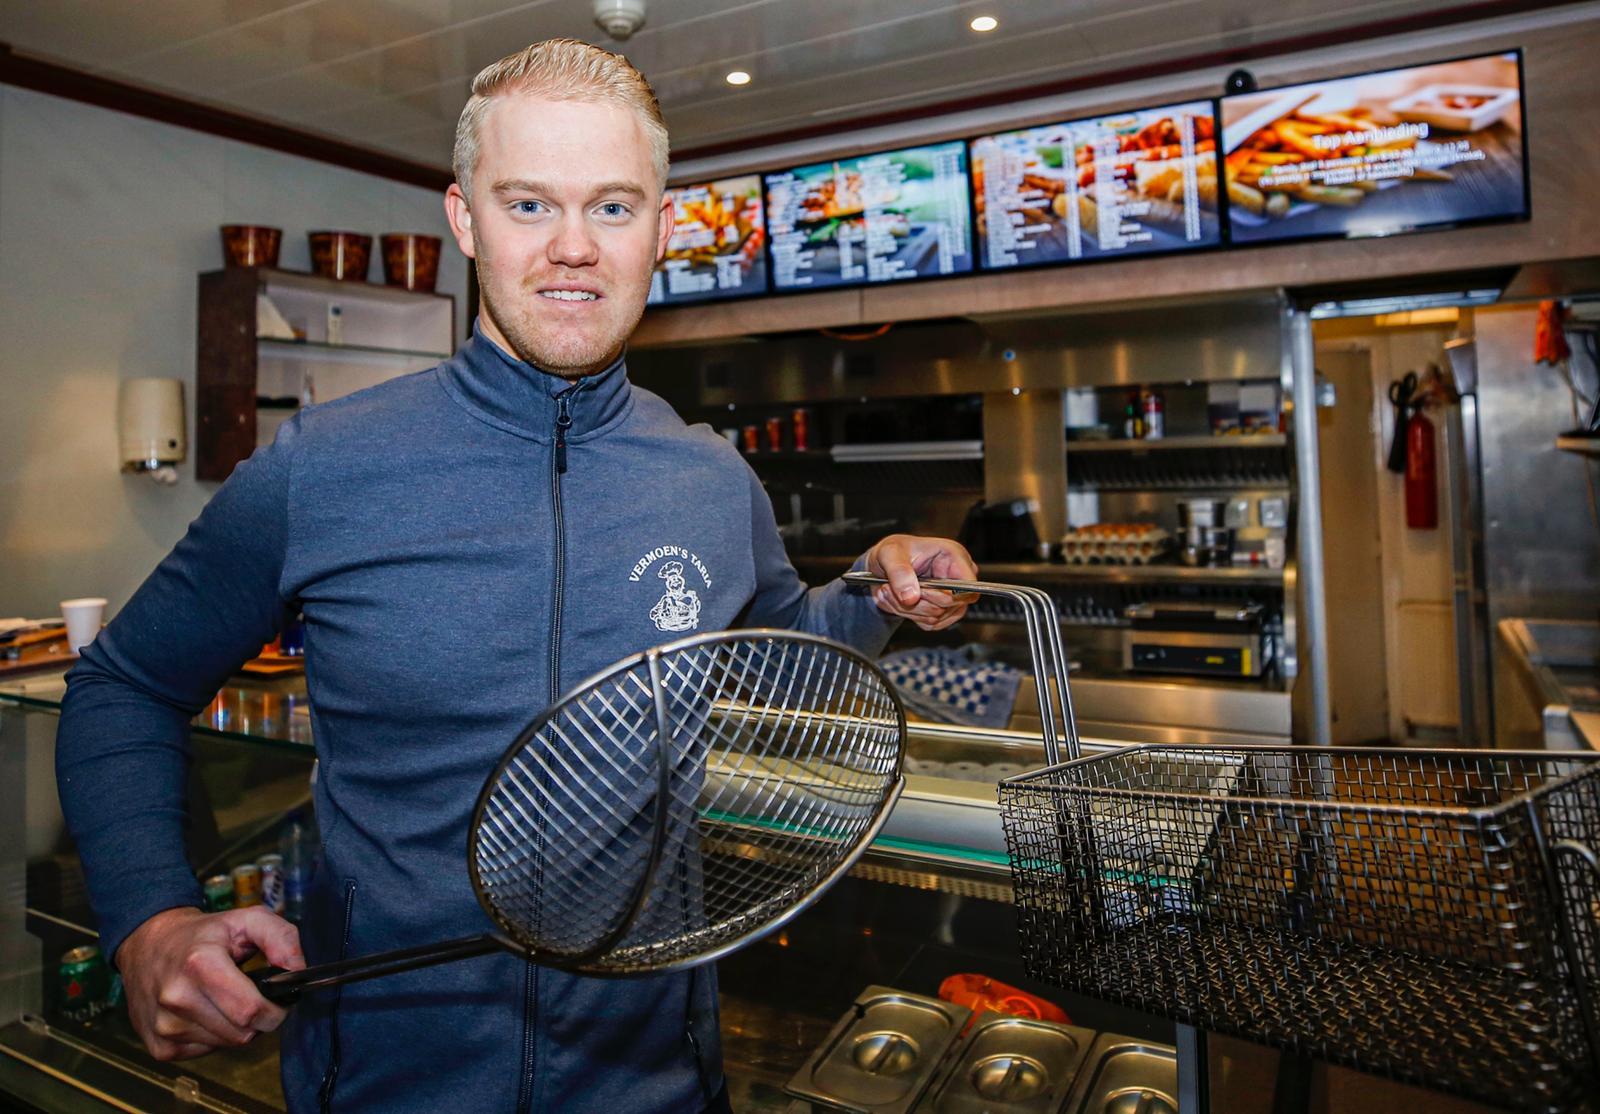 Mitchell Fok Vermoen's Taria snackbar Wielwijk - Thymen Stolk Dordt Centraal